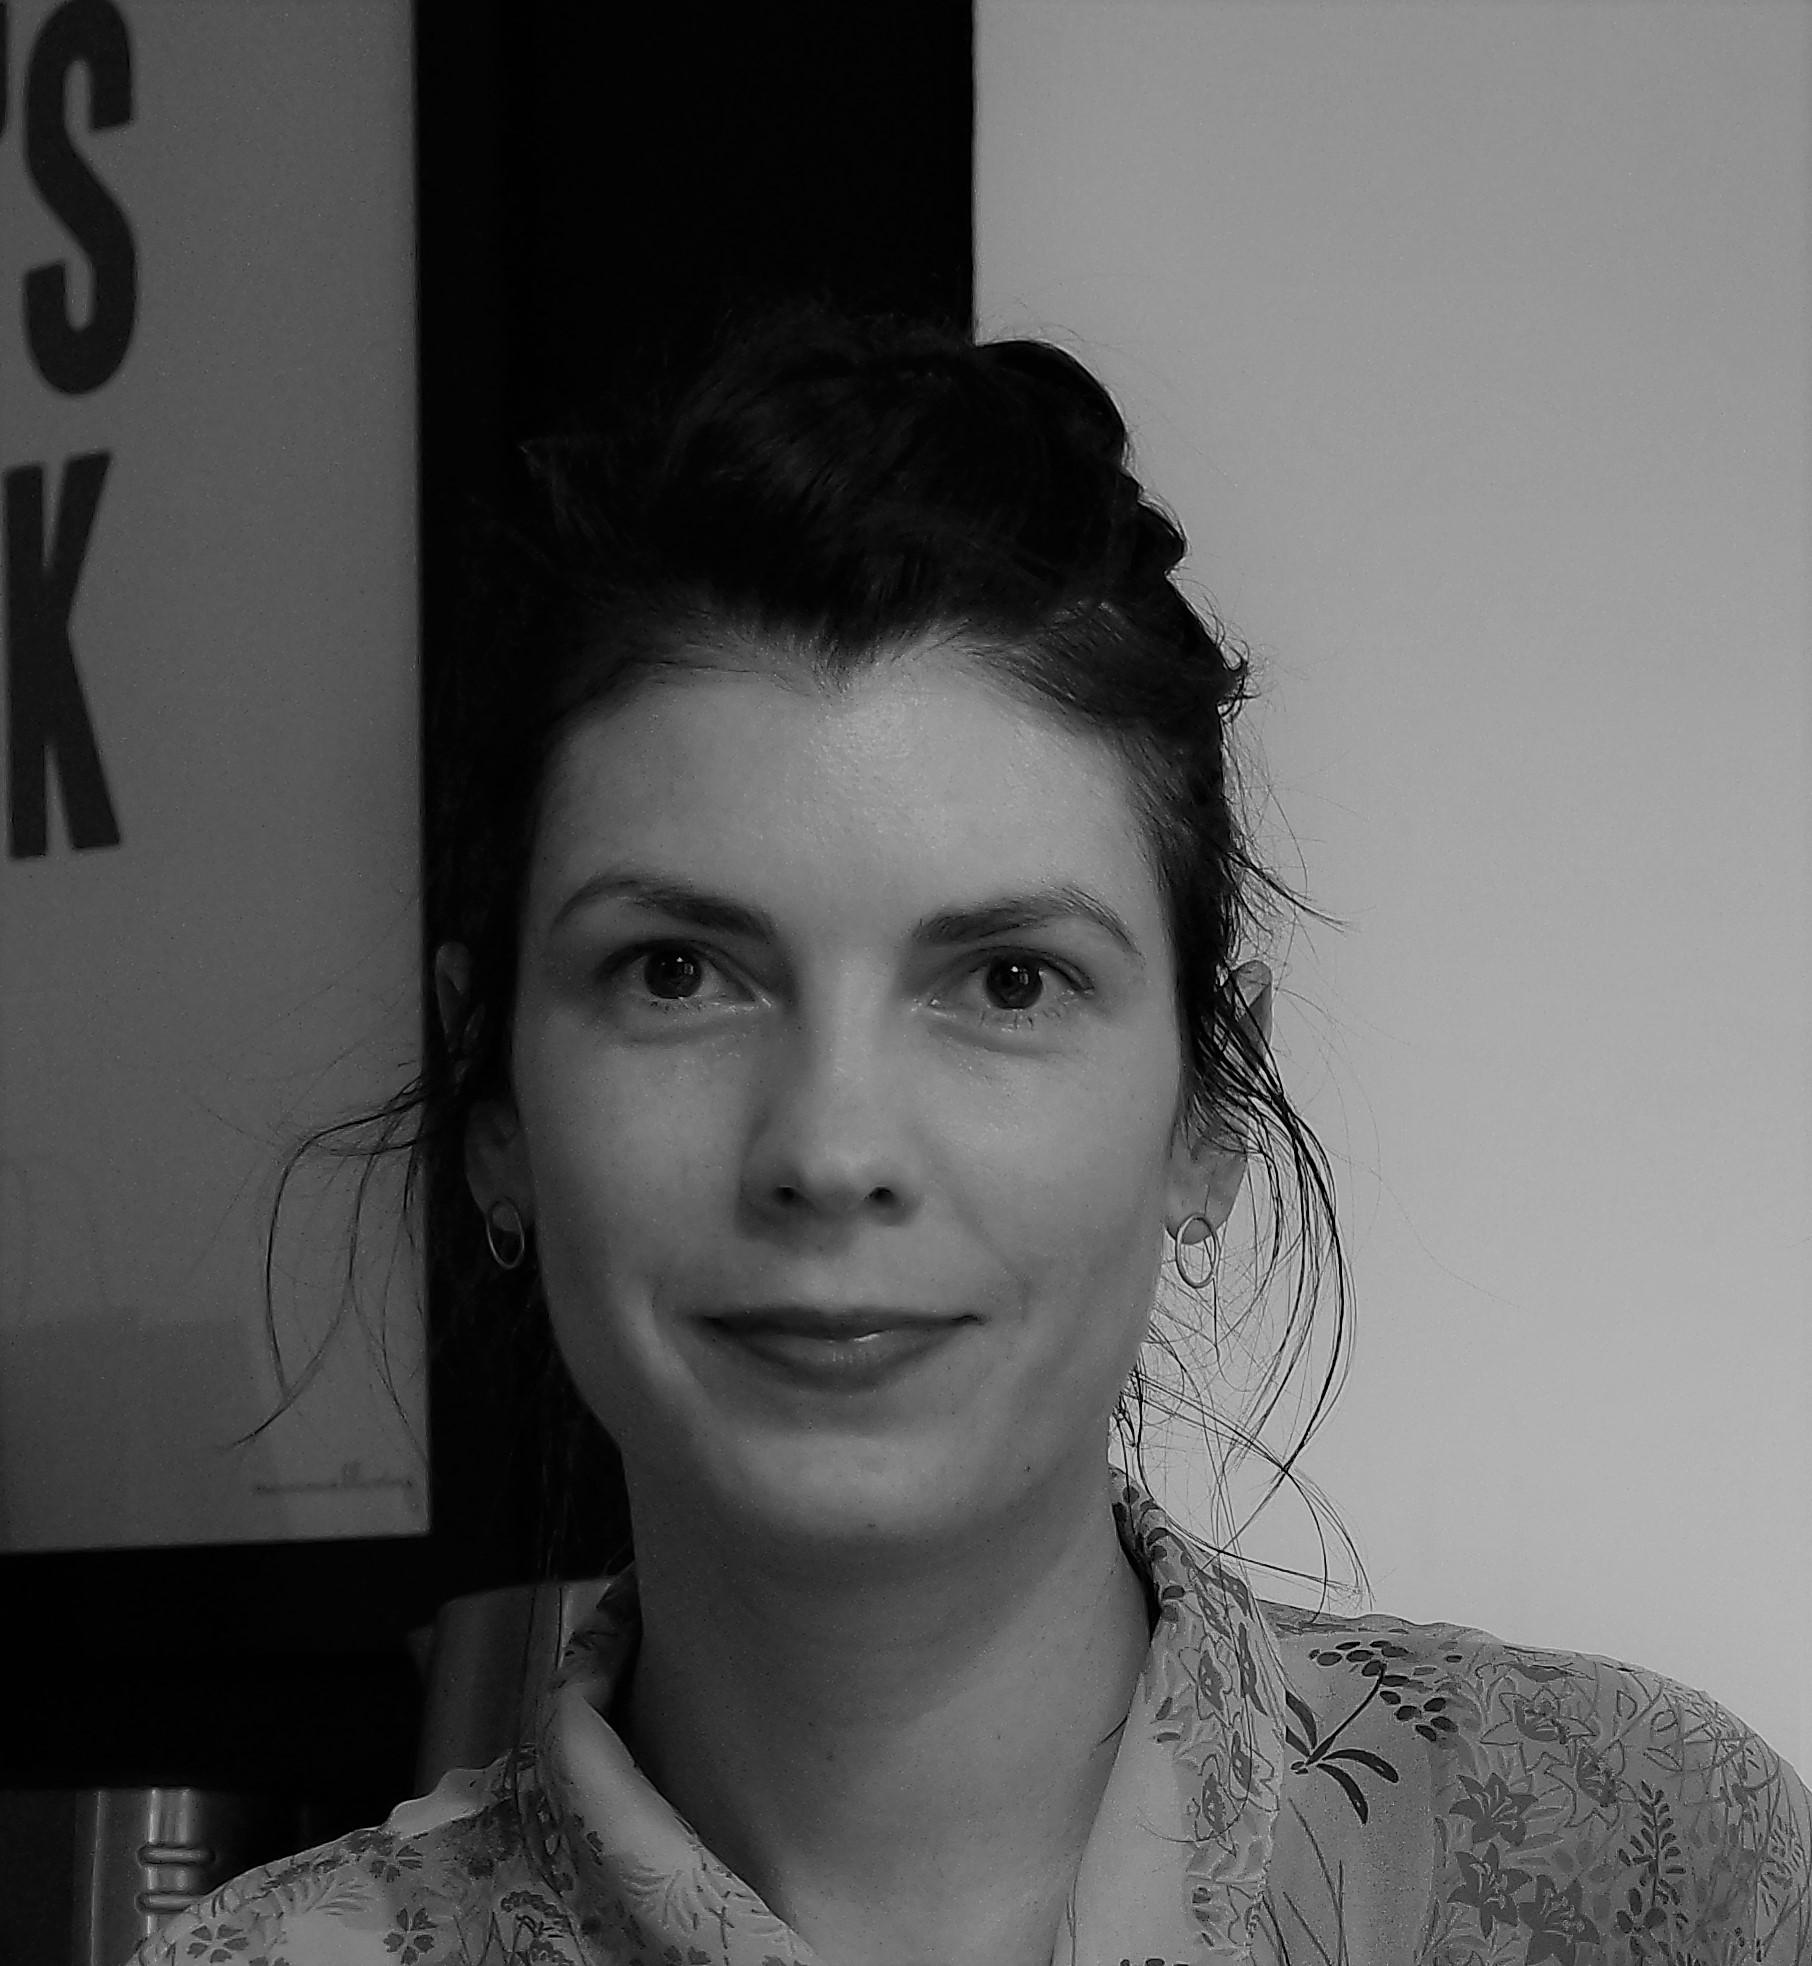 Katarzyna Garbiak